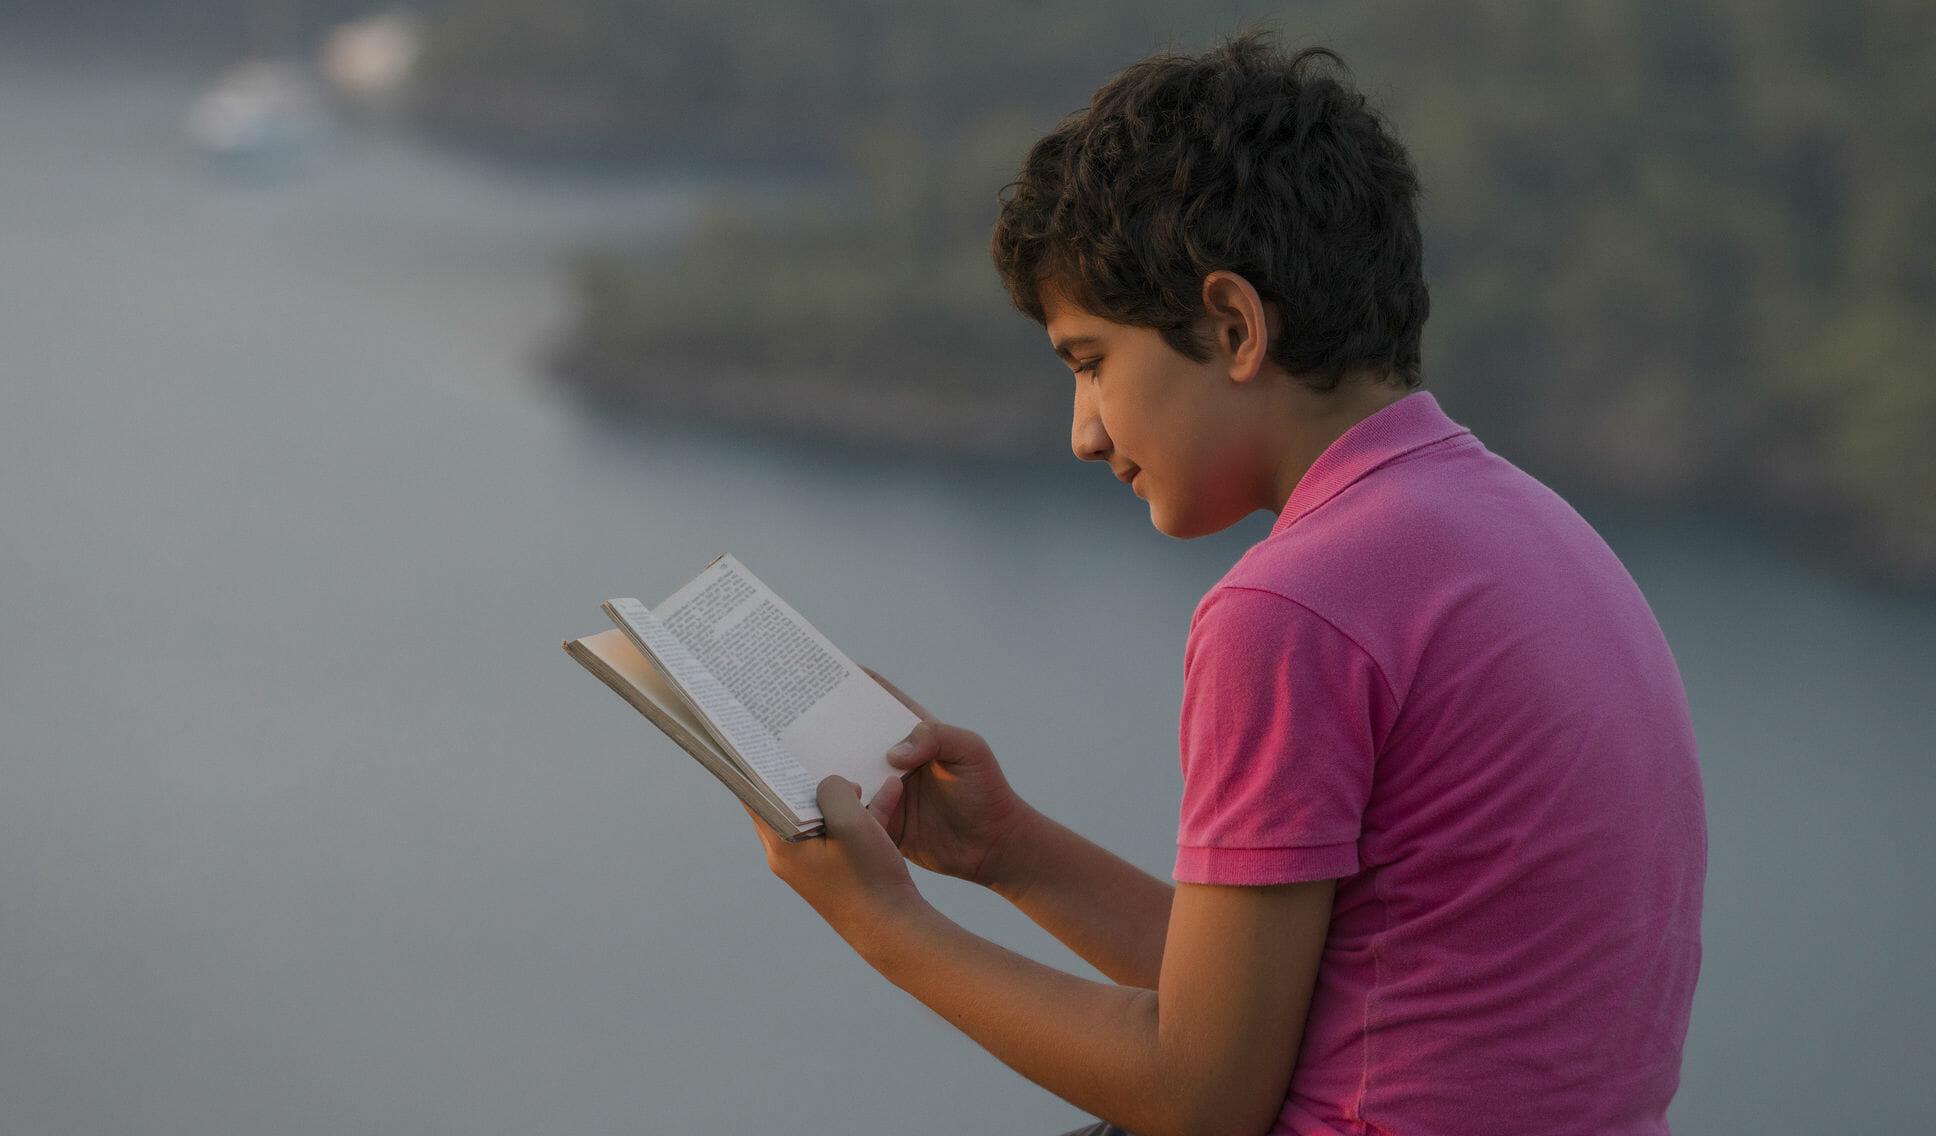 leggere libri lettura libro ragazzi adolescenti lettore lettori